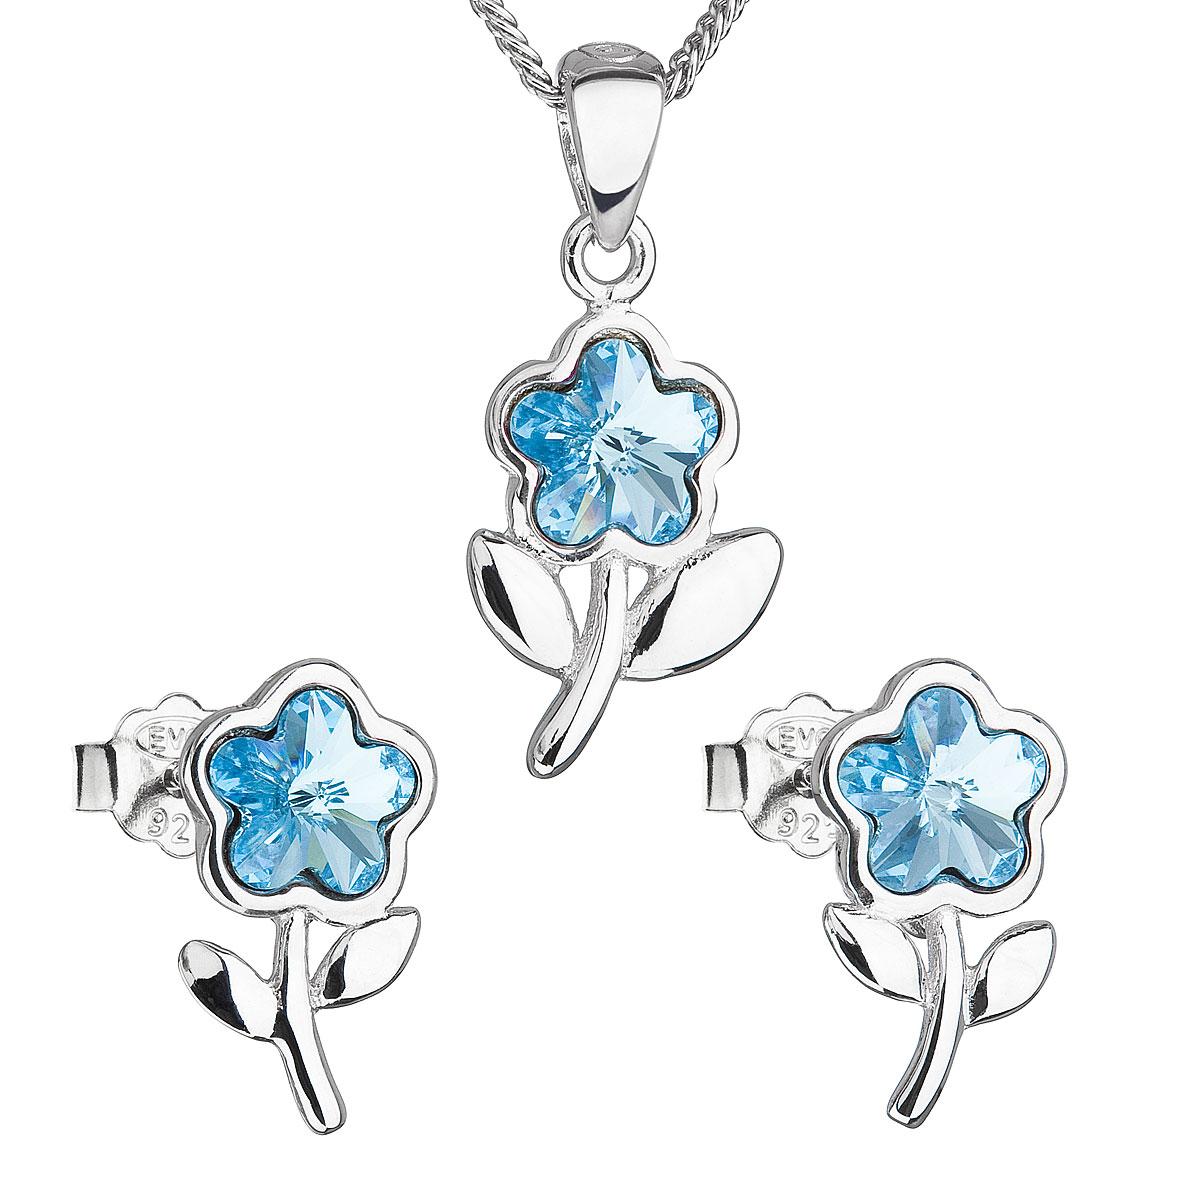 Sada šperků s krystaly Swarovski náušnice,řetízek a přívěsek modrá kytička 39172.3